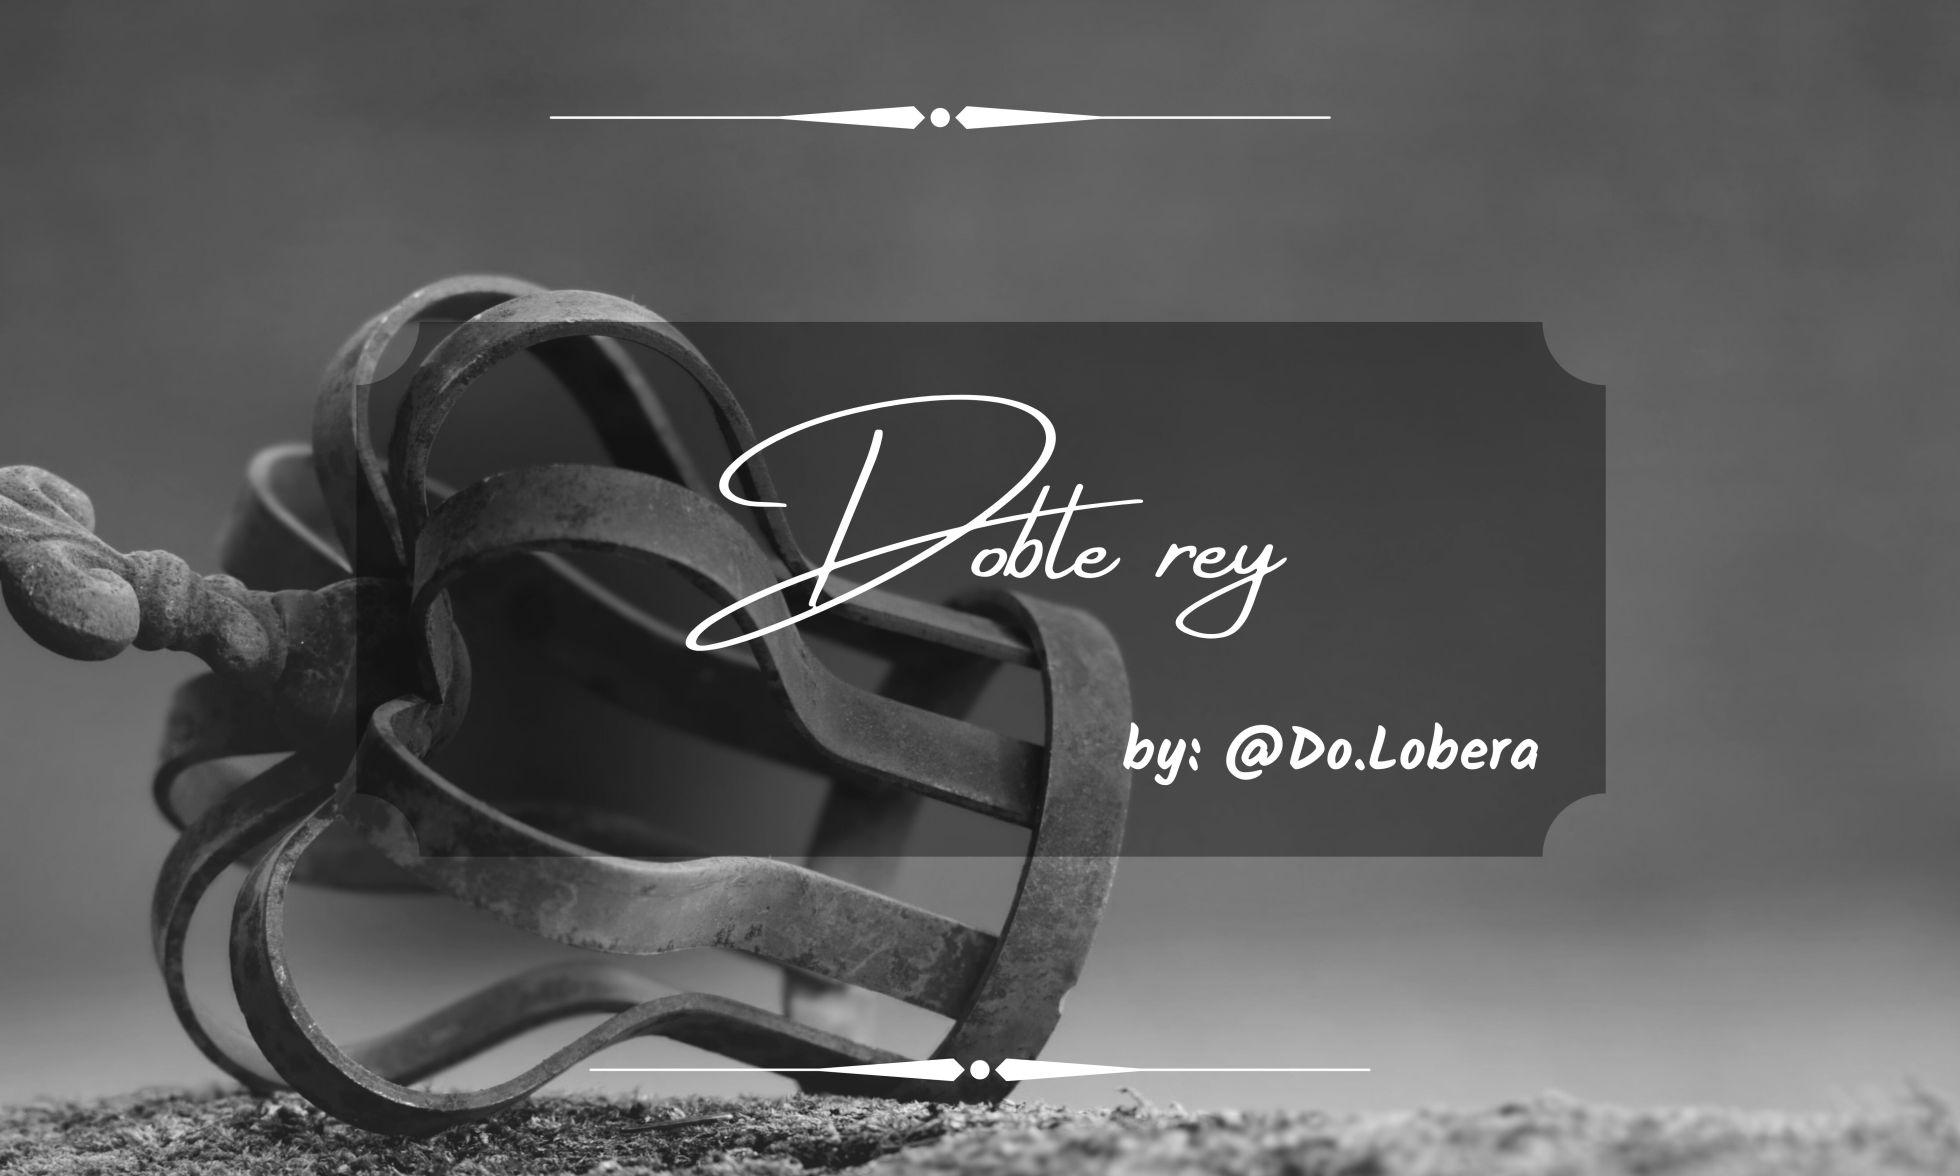 Doble rey - By Do.Lobera